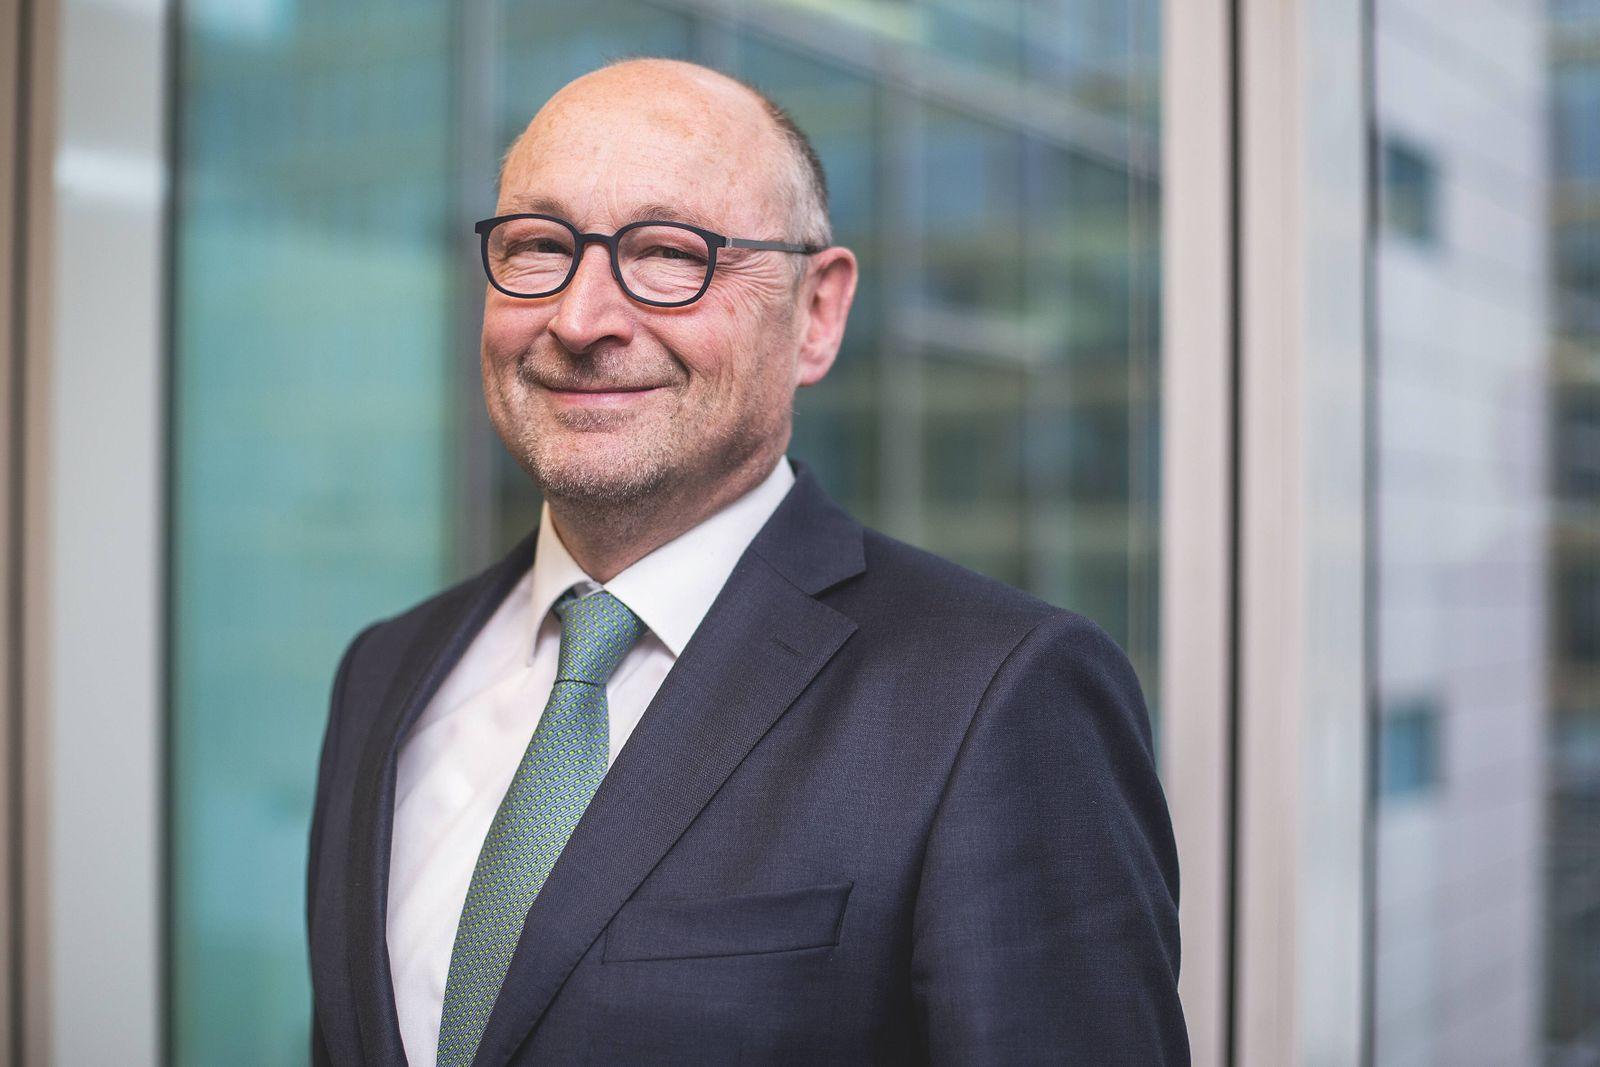 Interview mit Rolf Buch (Vorstand VONOVIA) im Axel-Springer-Haus *** Interview with Rolf Buch VONOVIA Management Board